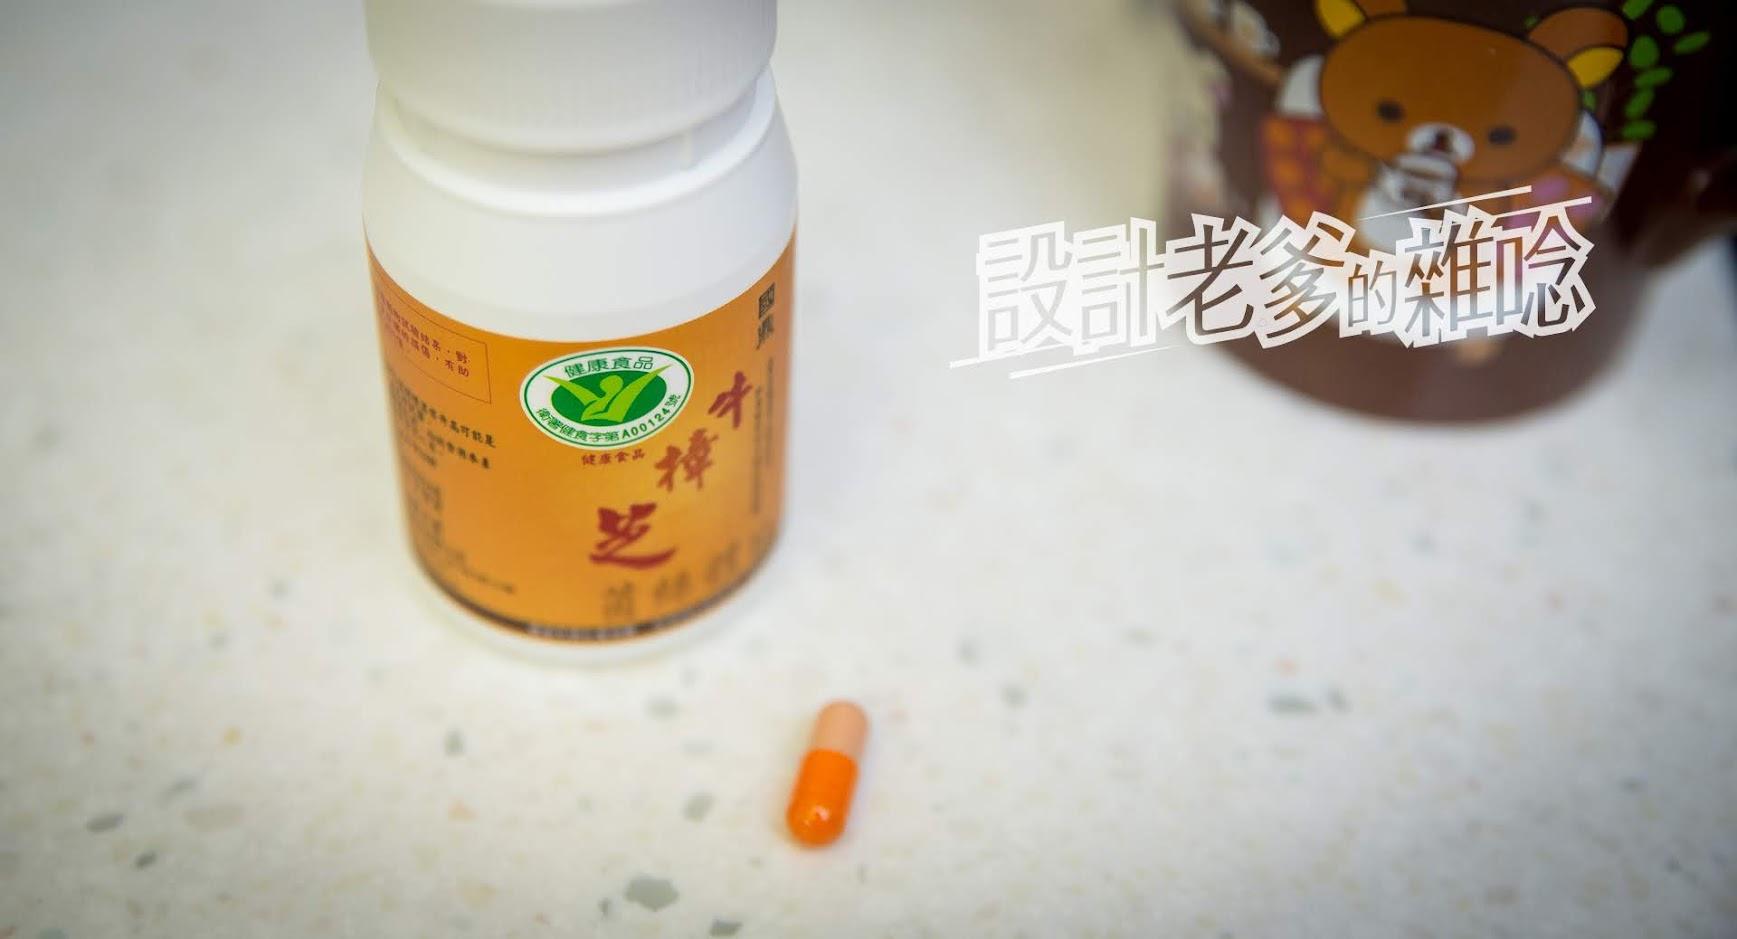 國鼎牛樟芝菌絲體...老爹要健康自己,這可是健字號認證的好東西喔!